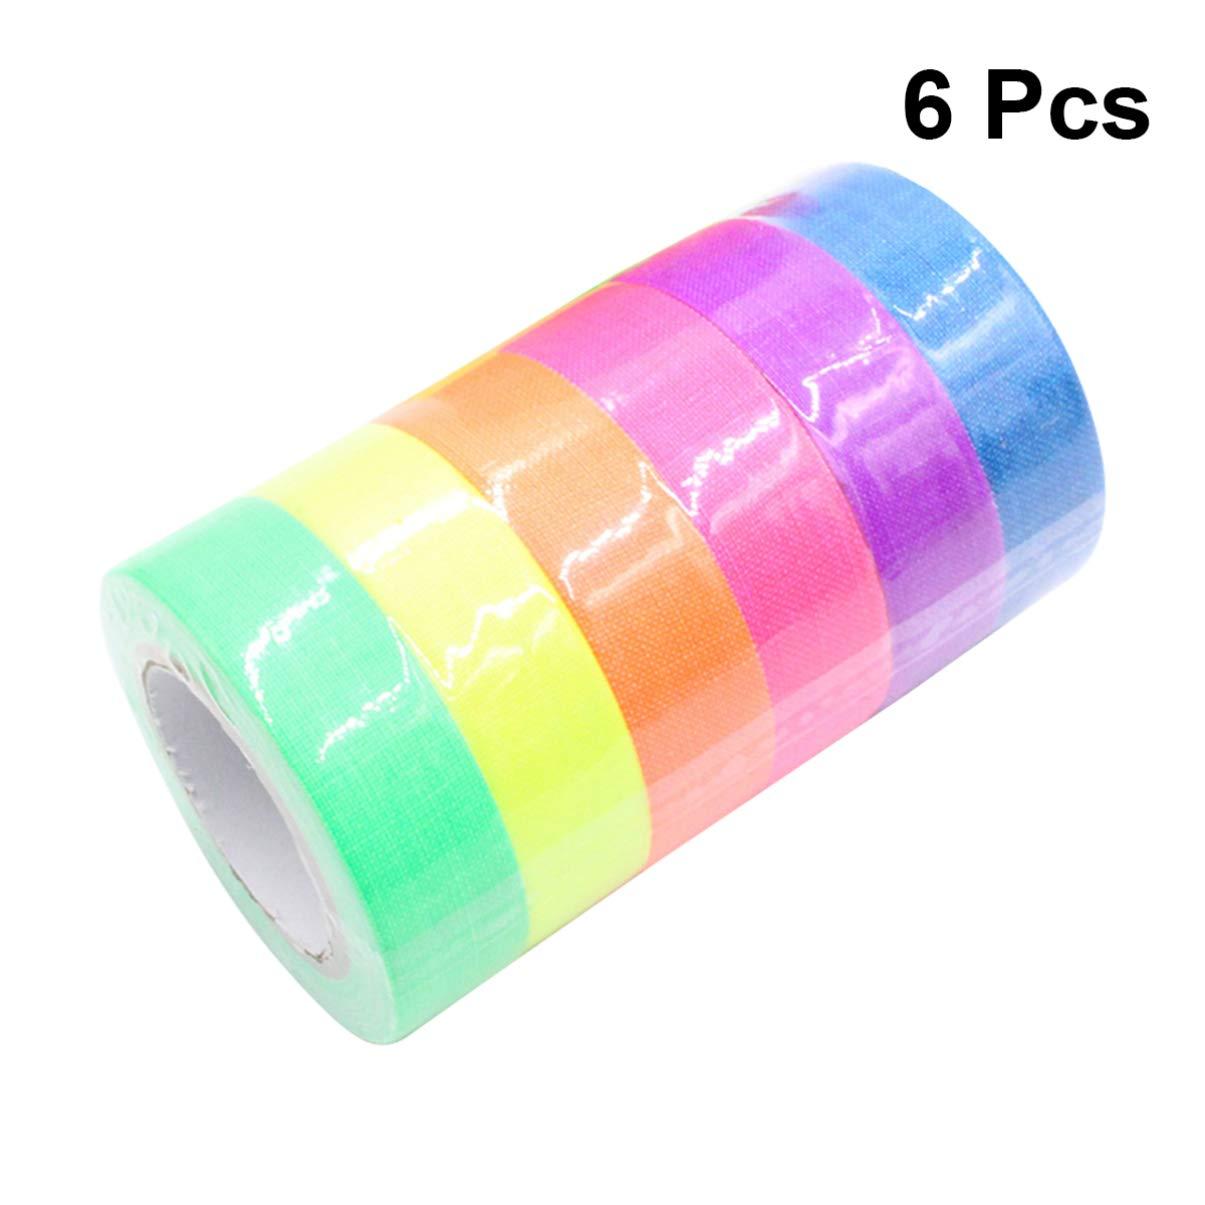 NUOBESTY - Cinta adhesiva de algodón fluorescente para pizarra (colores surtidos): Amazon.es: Hogar